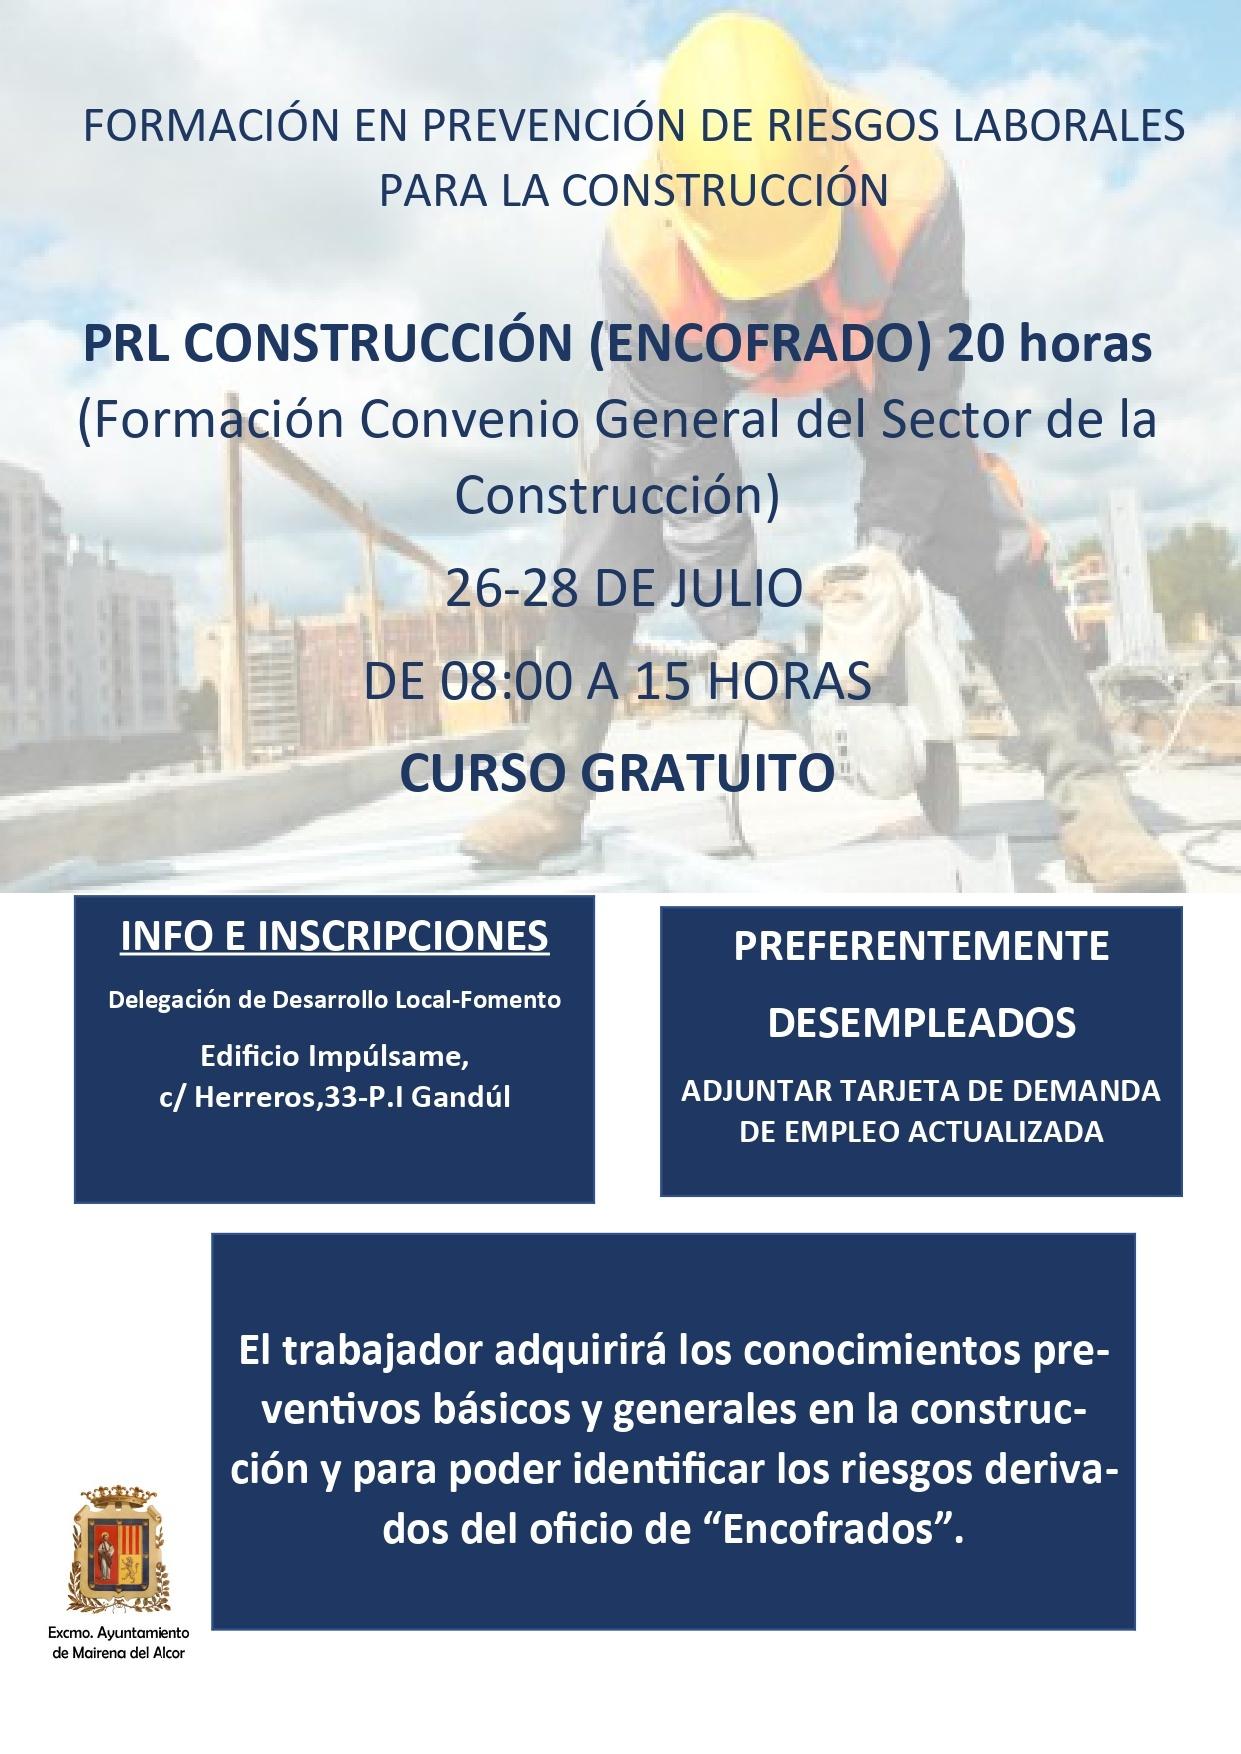 ¡ULTIMAS PLAZAS! del curso de prevención de riesgos laborales para la construcción encofrado 1